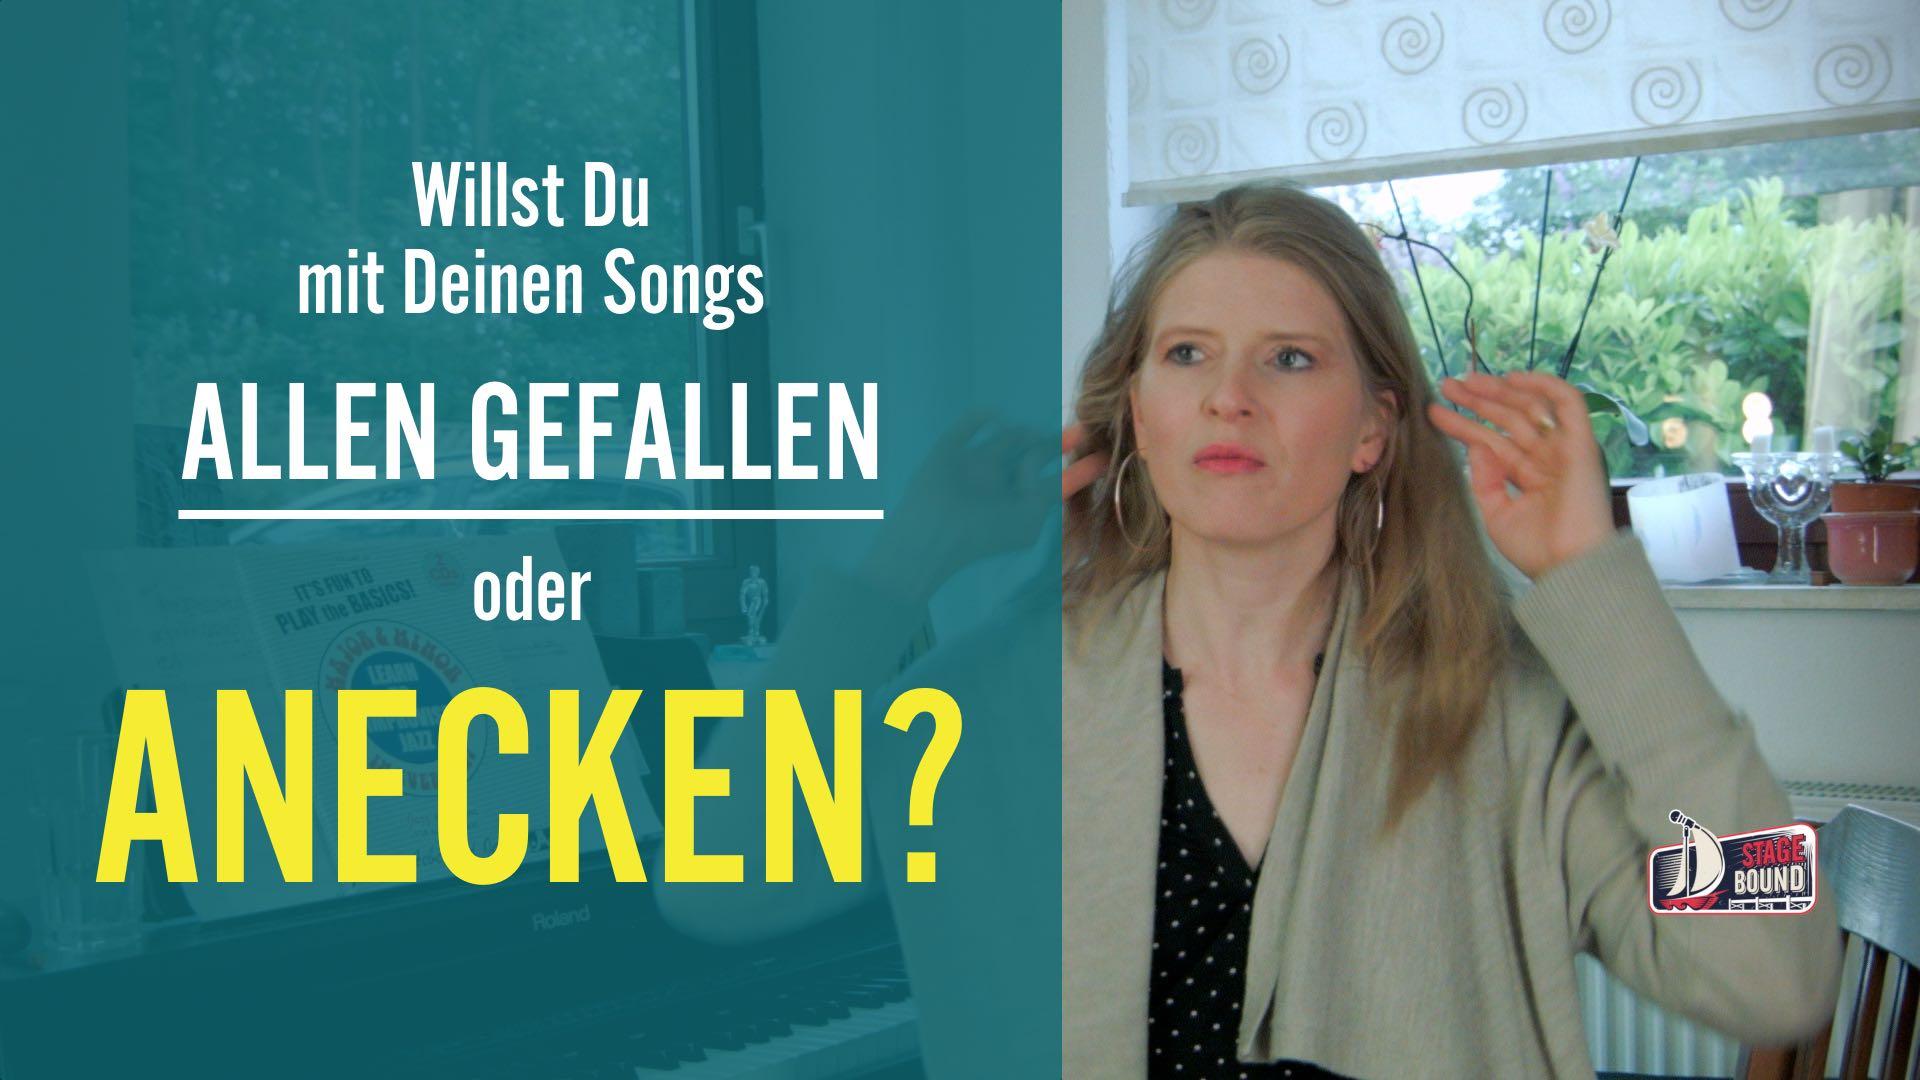 Mit Deinem Songs allen gefallen oder anecken?